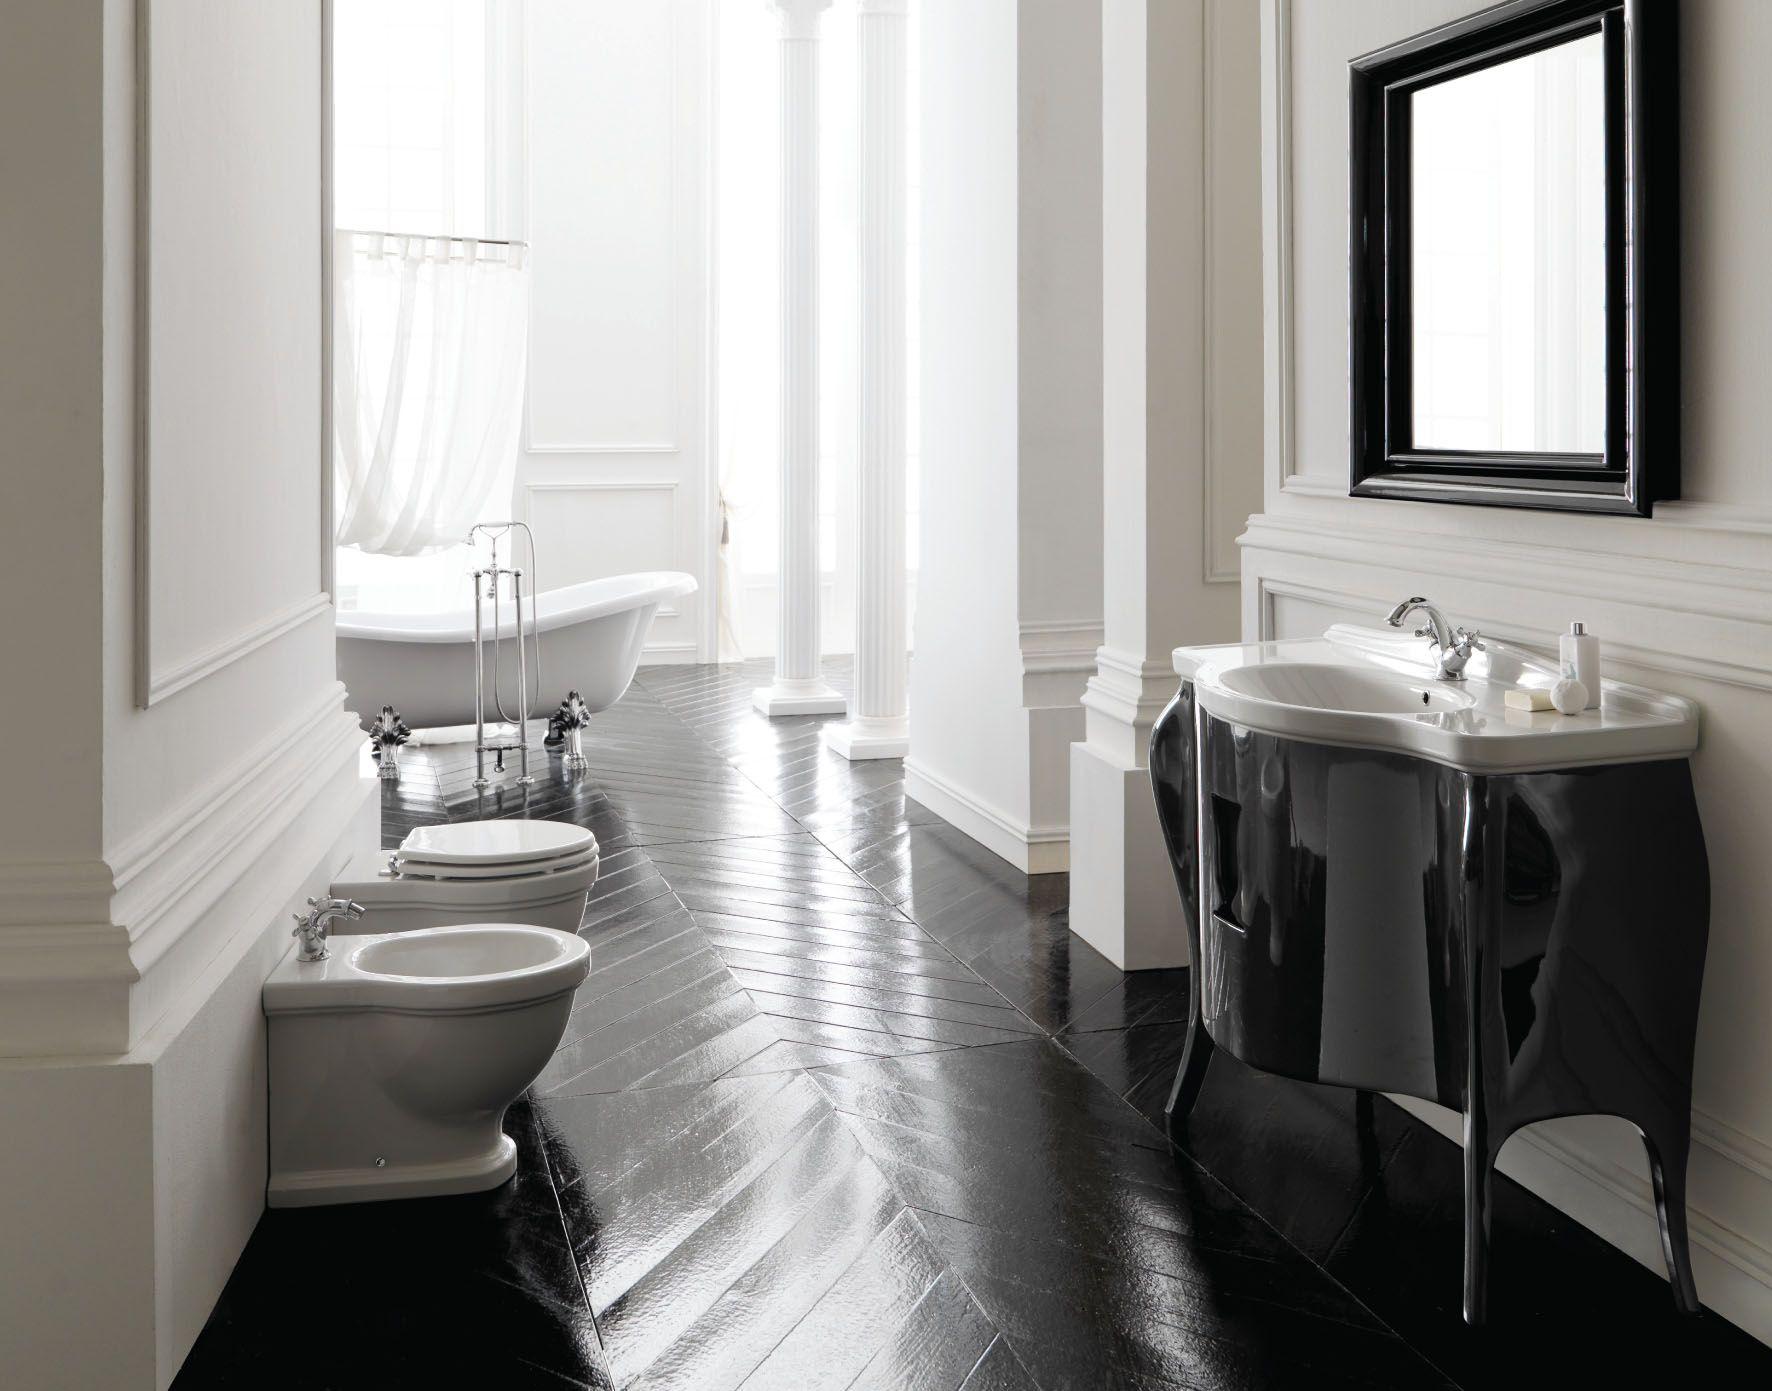 vintage-bathroom-tile-design-ideas-vintage-bathroom-ideas | downtown ...